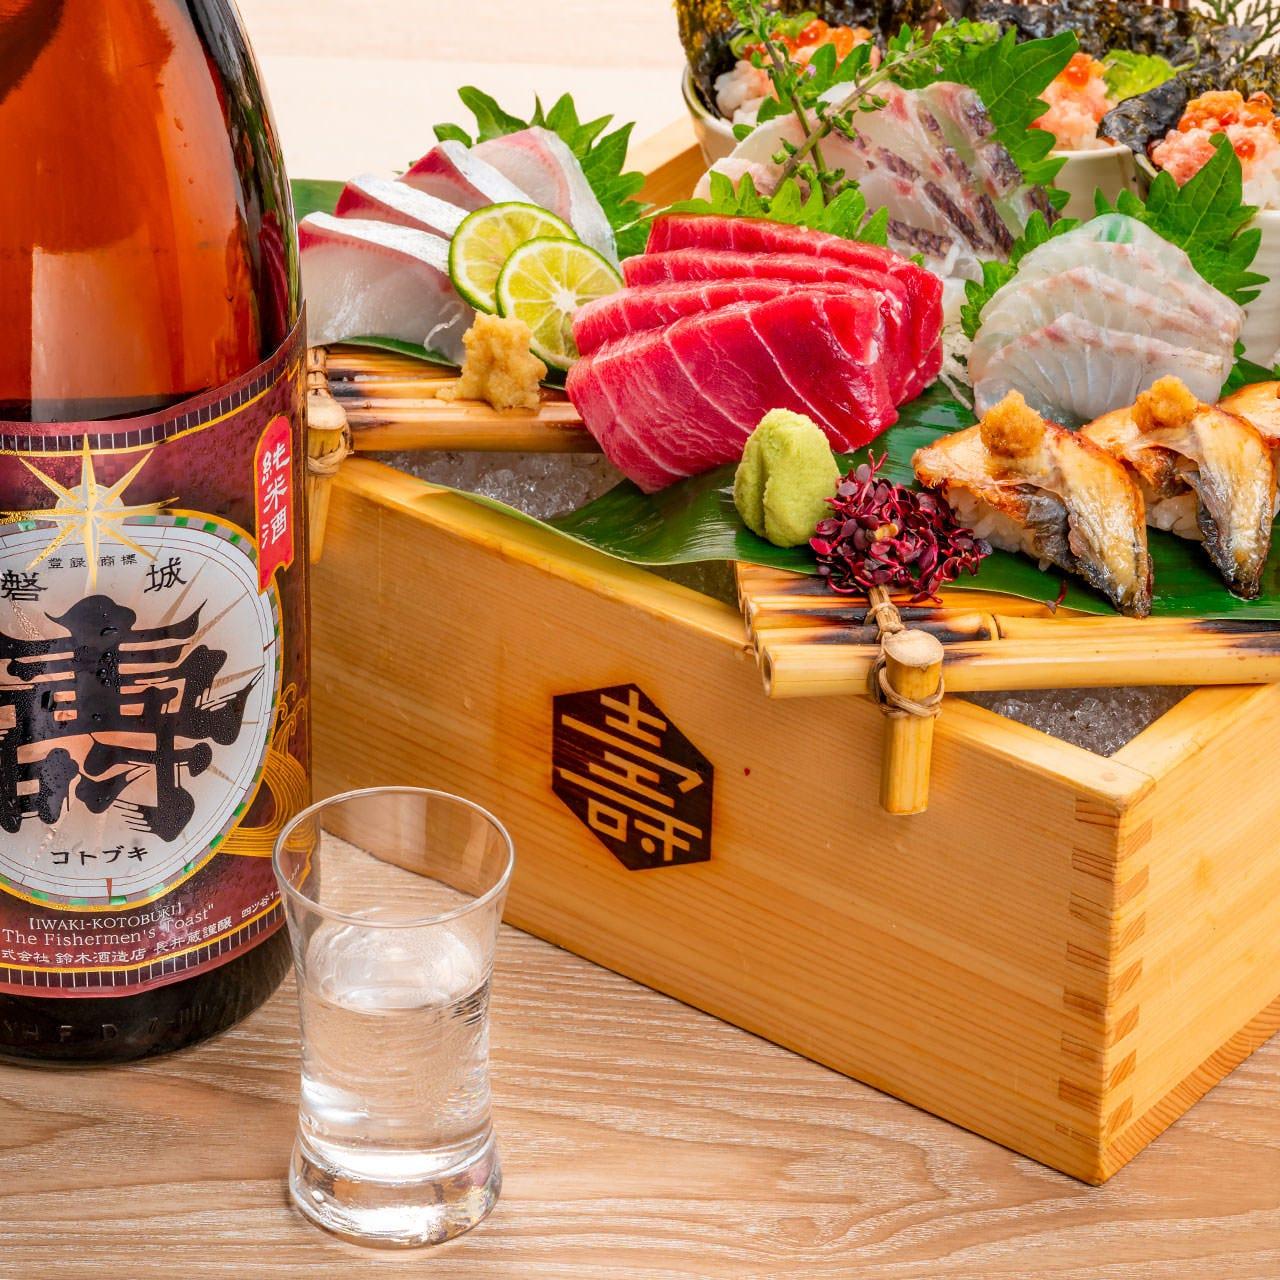 肉のコトブキ 虎ノ門店のイメージ写真